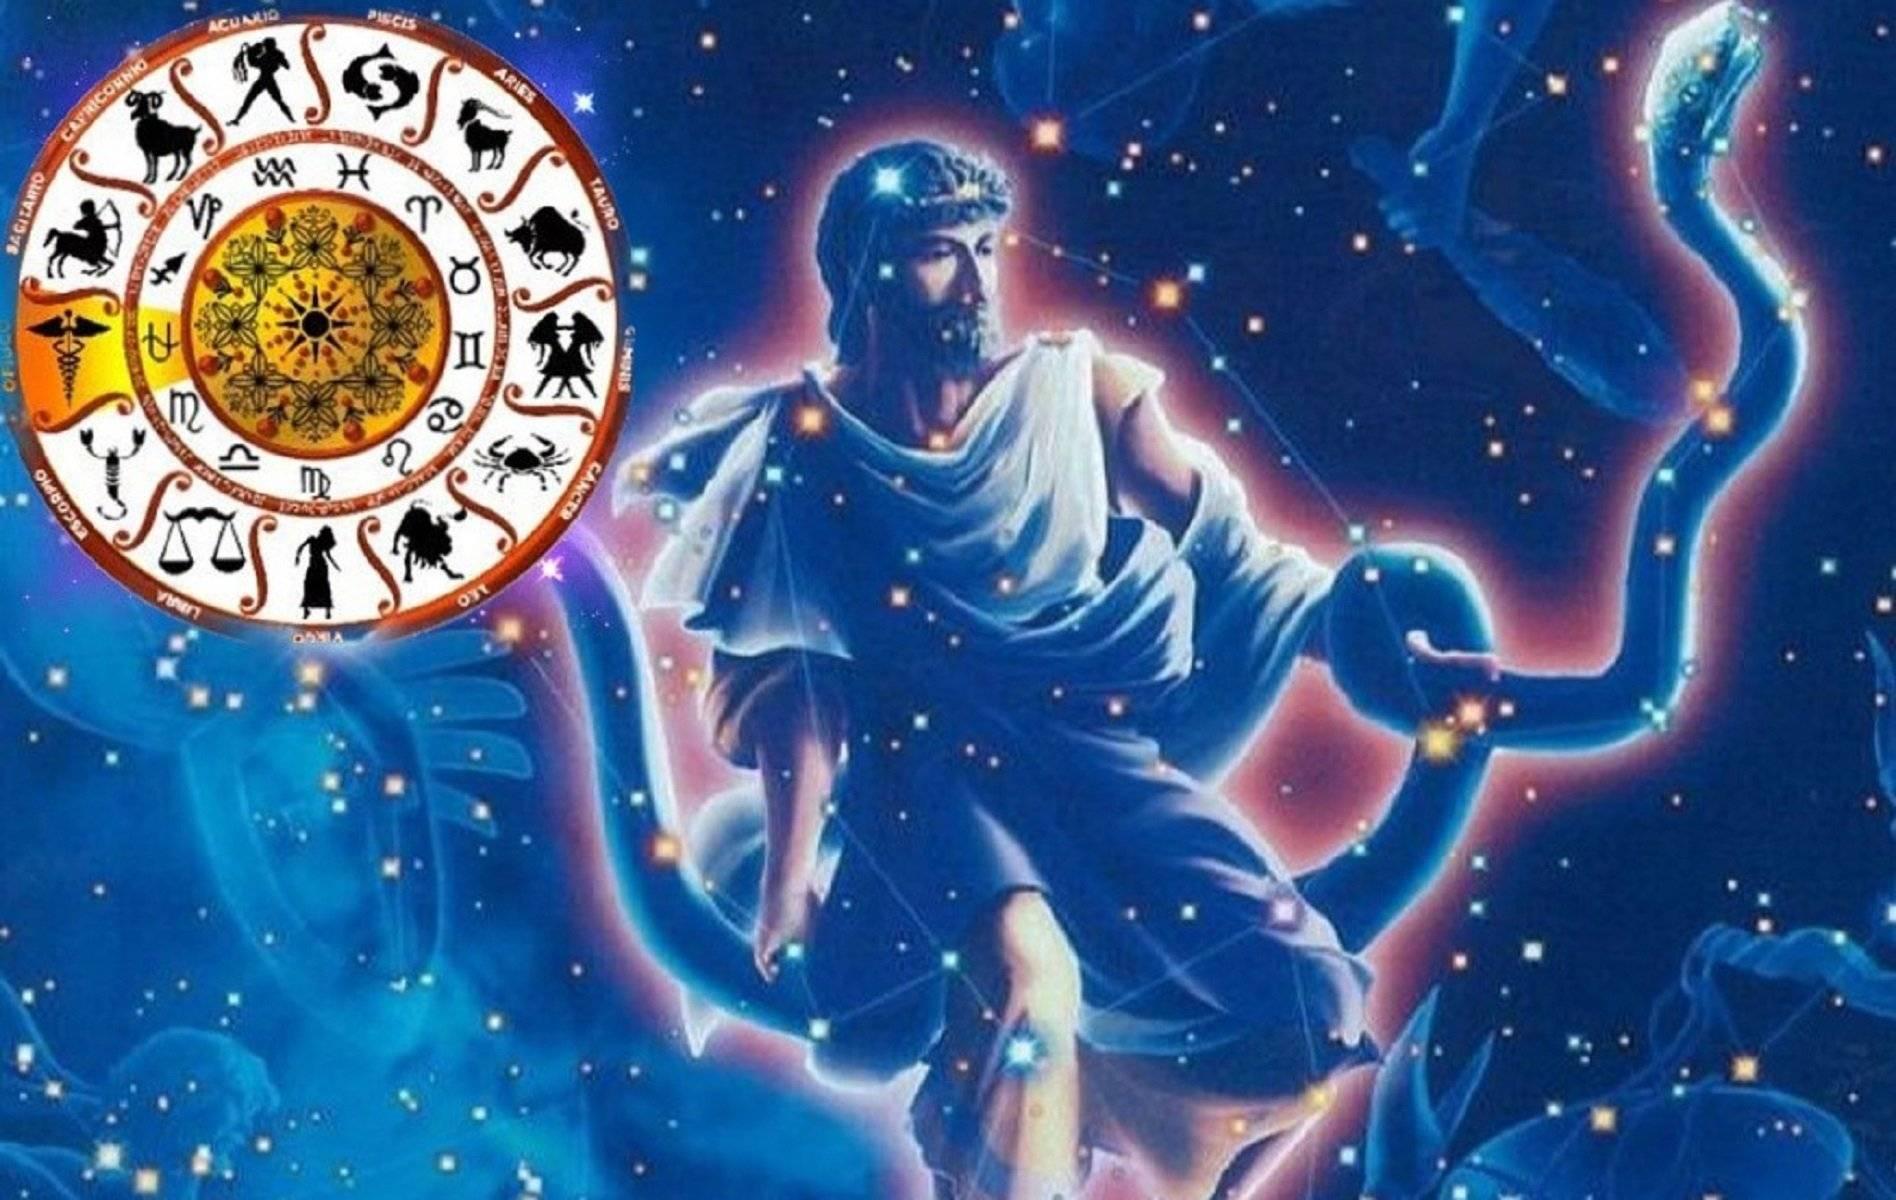 Змееносец: новое таинственное созвездие в знаках зодиака